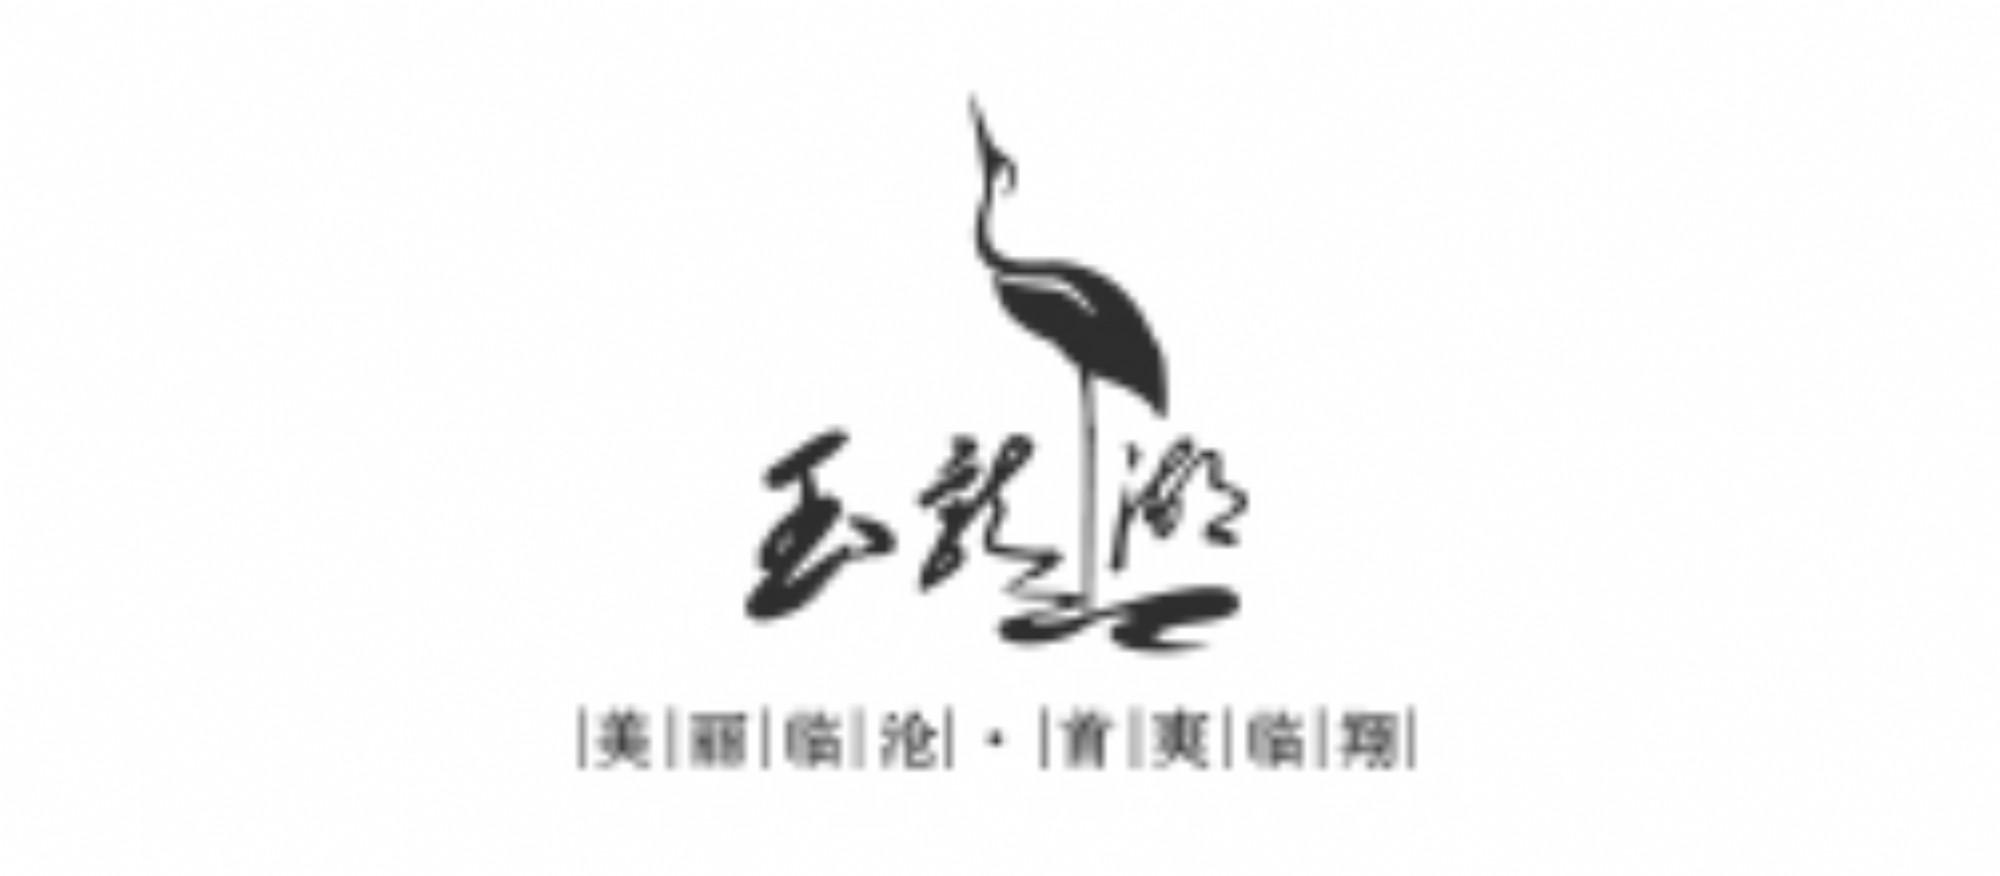 临沧玉龙湖公园管理所